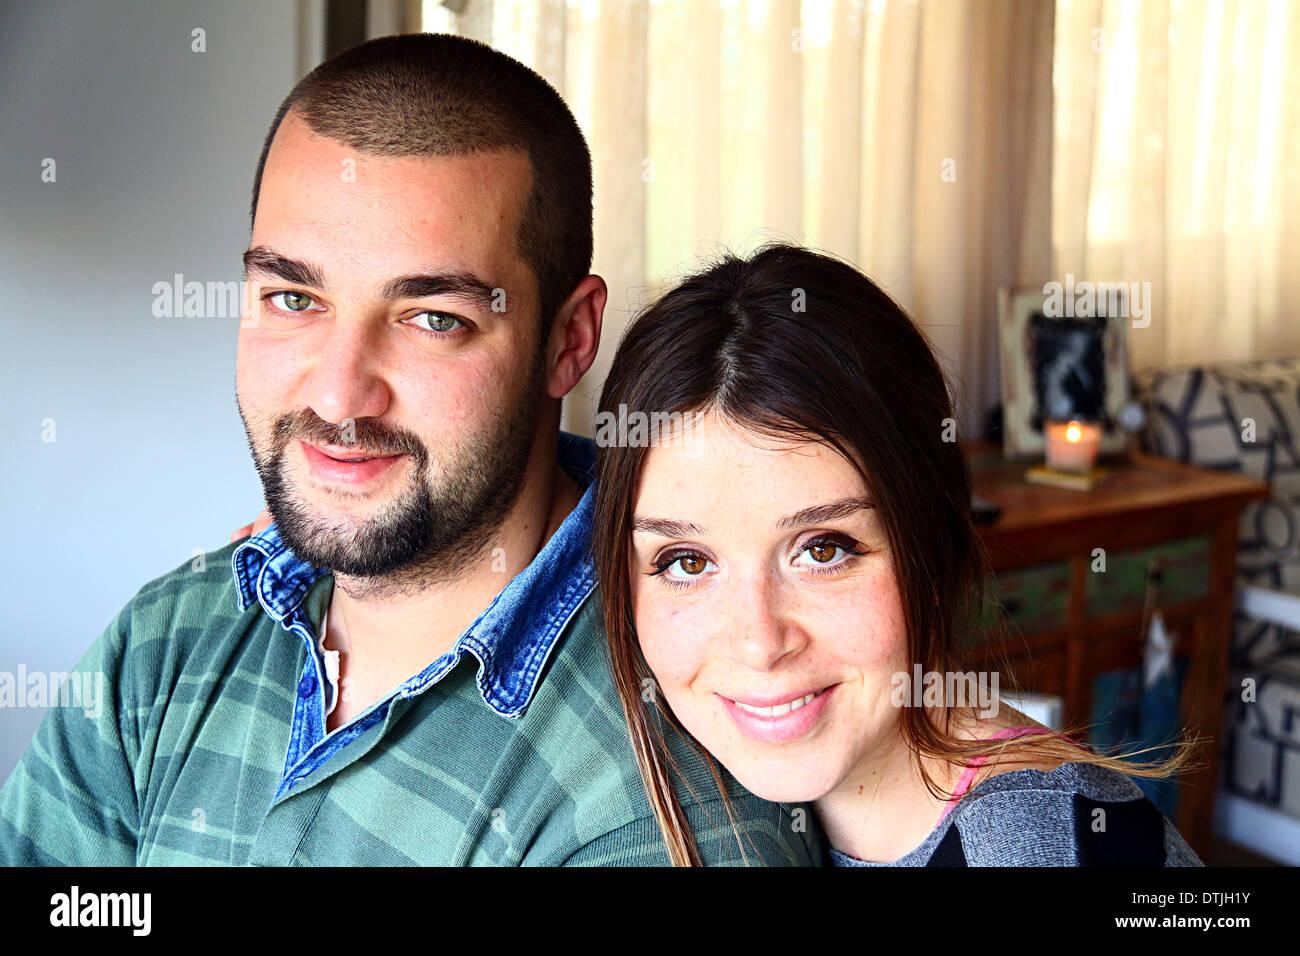 Ritratto di giovane turco sposato Coppia sorridente a casa Foto Stock